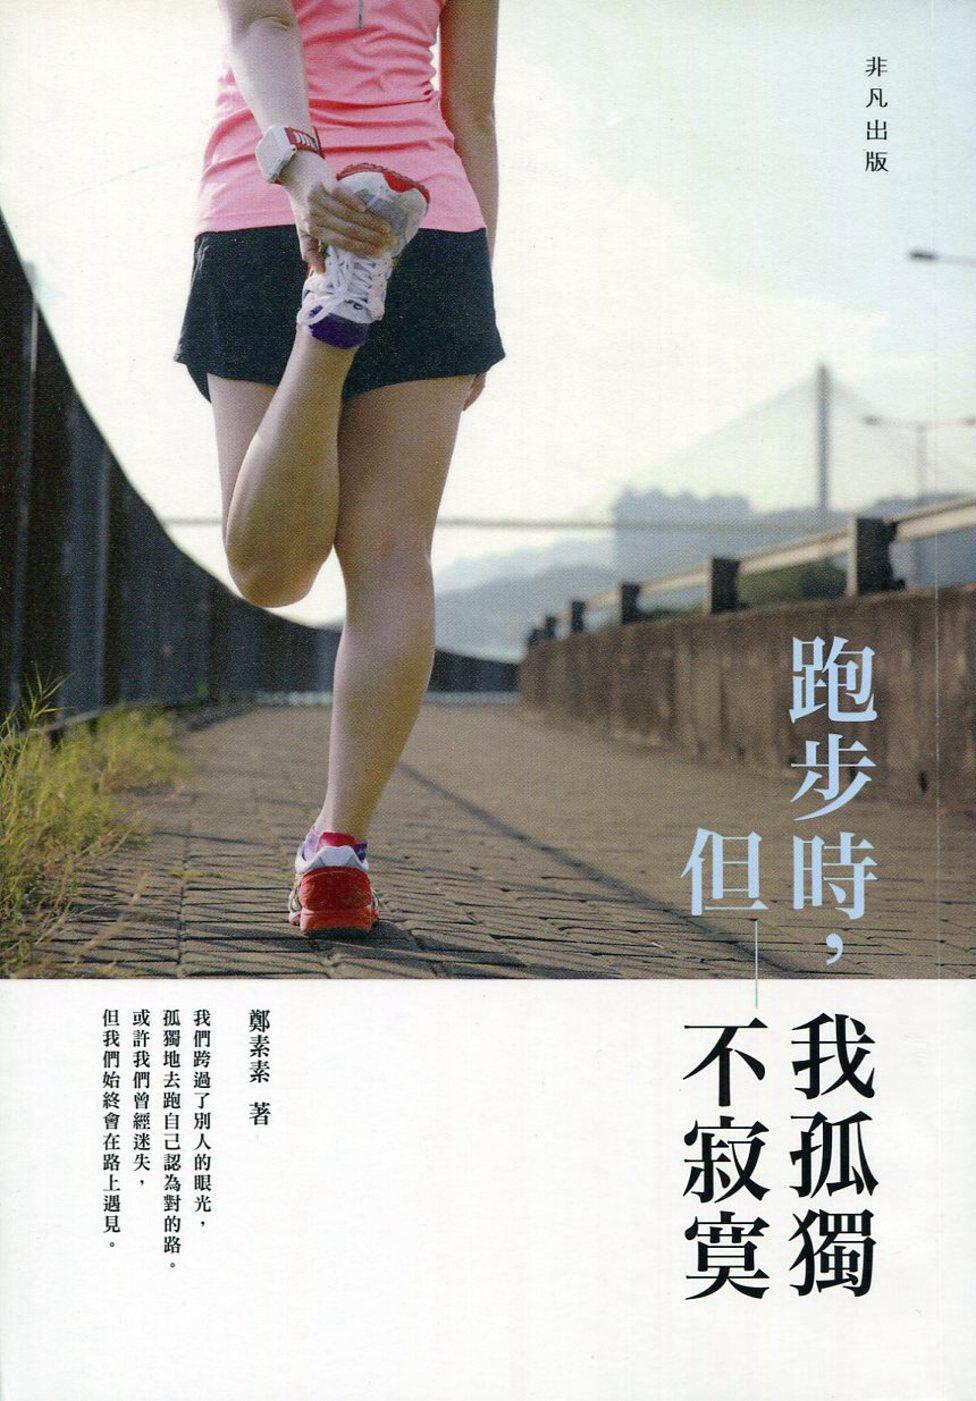 跑步時,我孤獨,但不寂寞